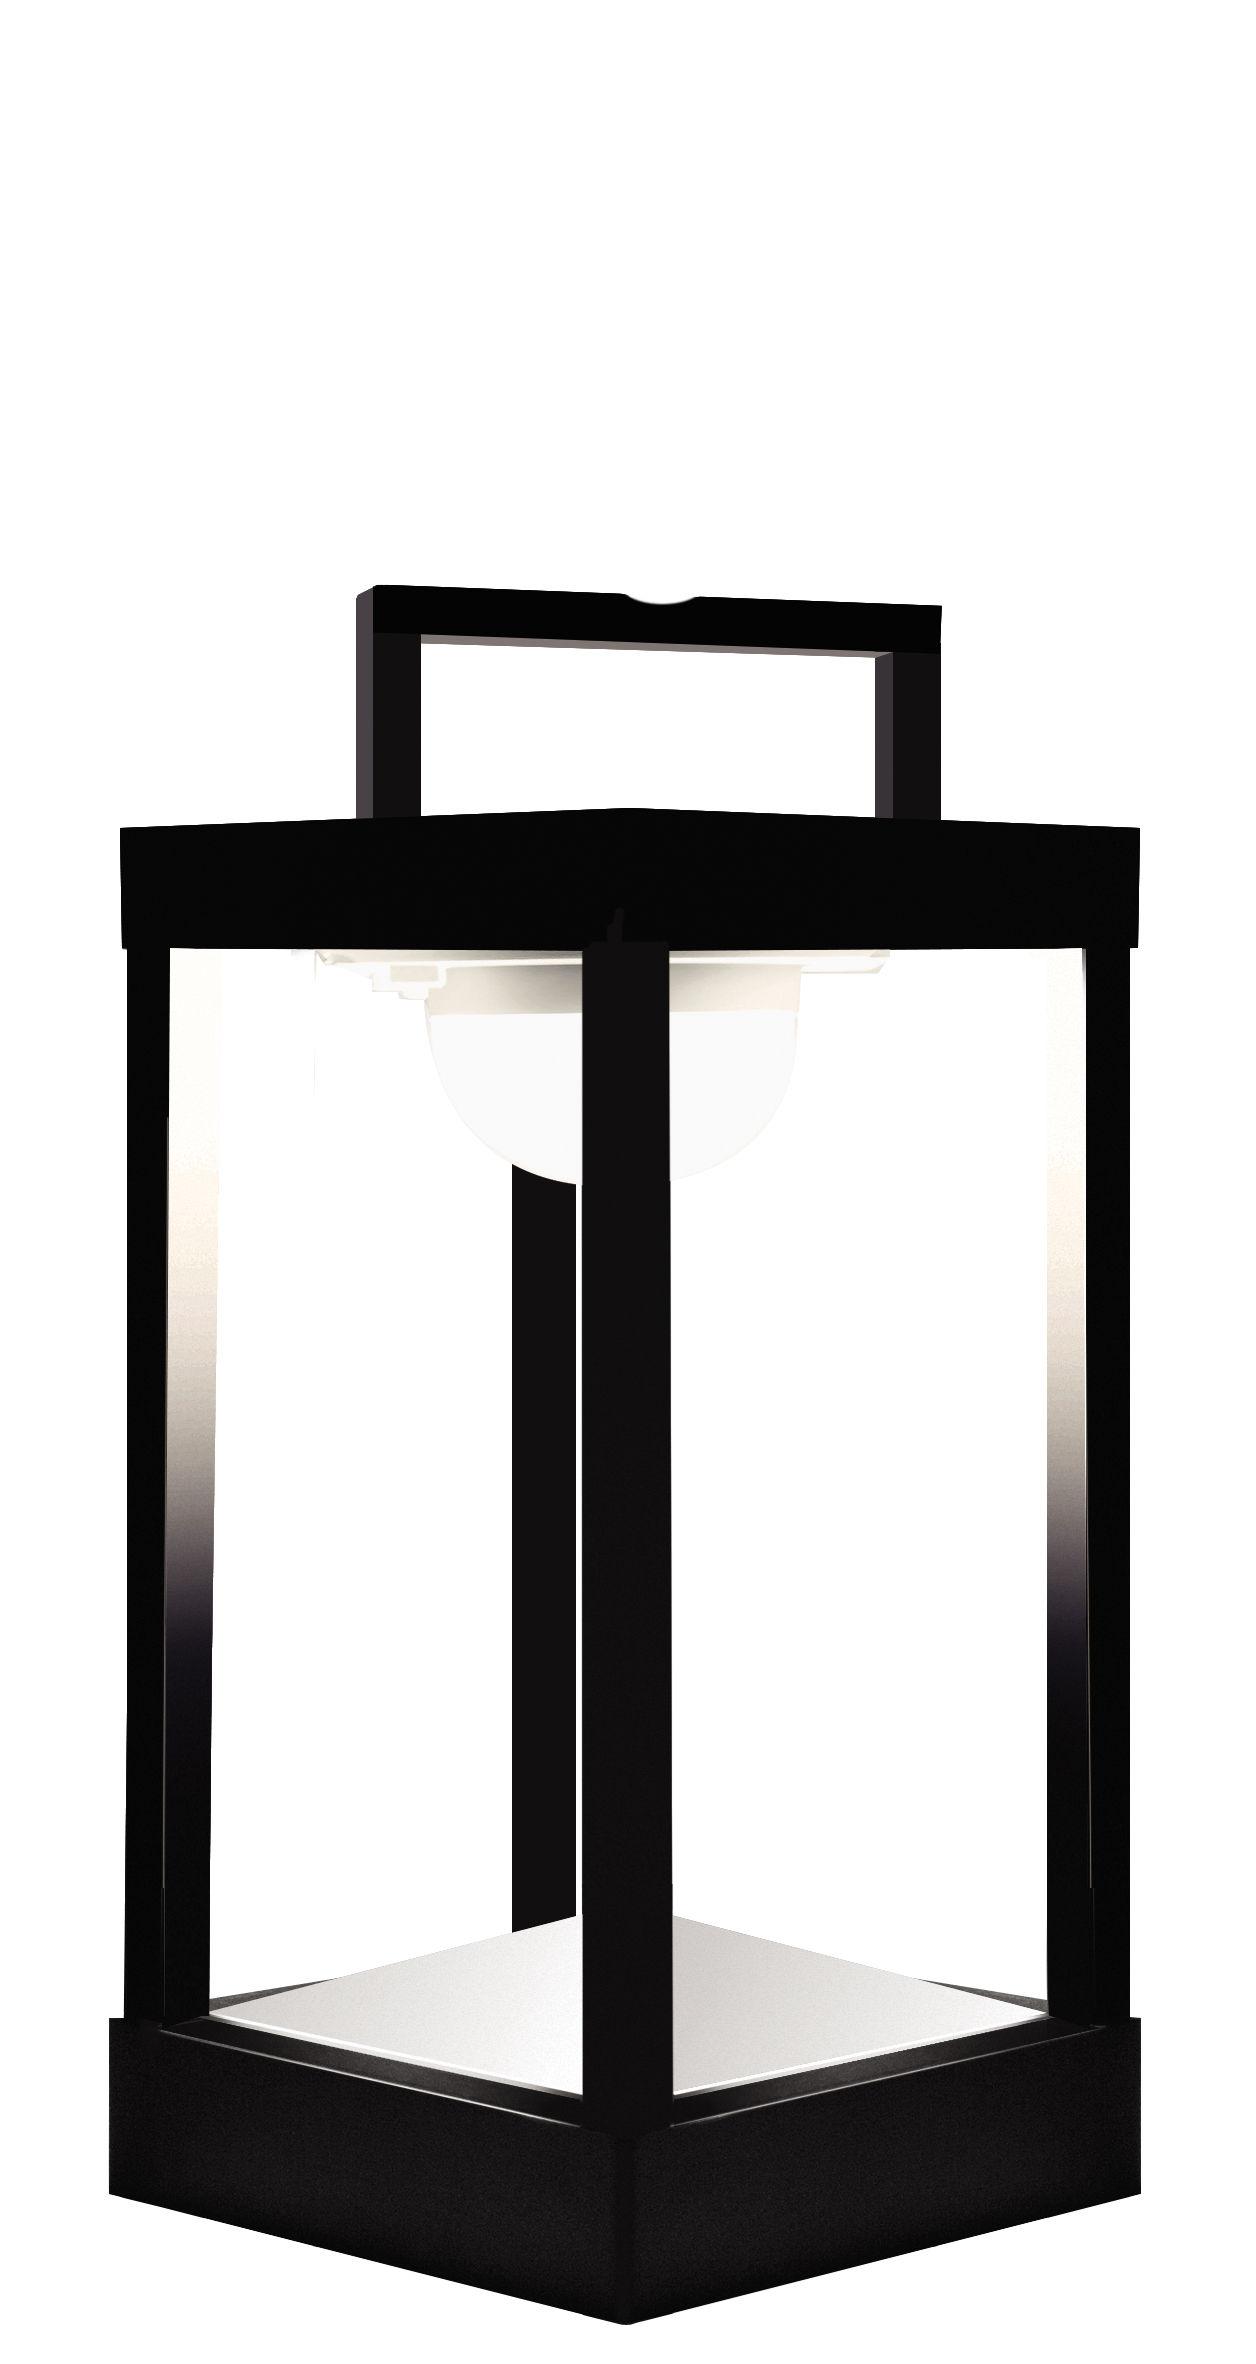 Luminaire - Lampes de table - Lampe solaire La Lampe Parc S LED / Sans fil - Dock USB - H 30 cm - Maiori - Noir - Aluminium, Verre